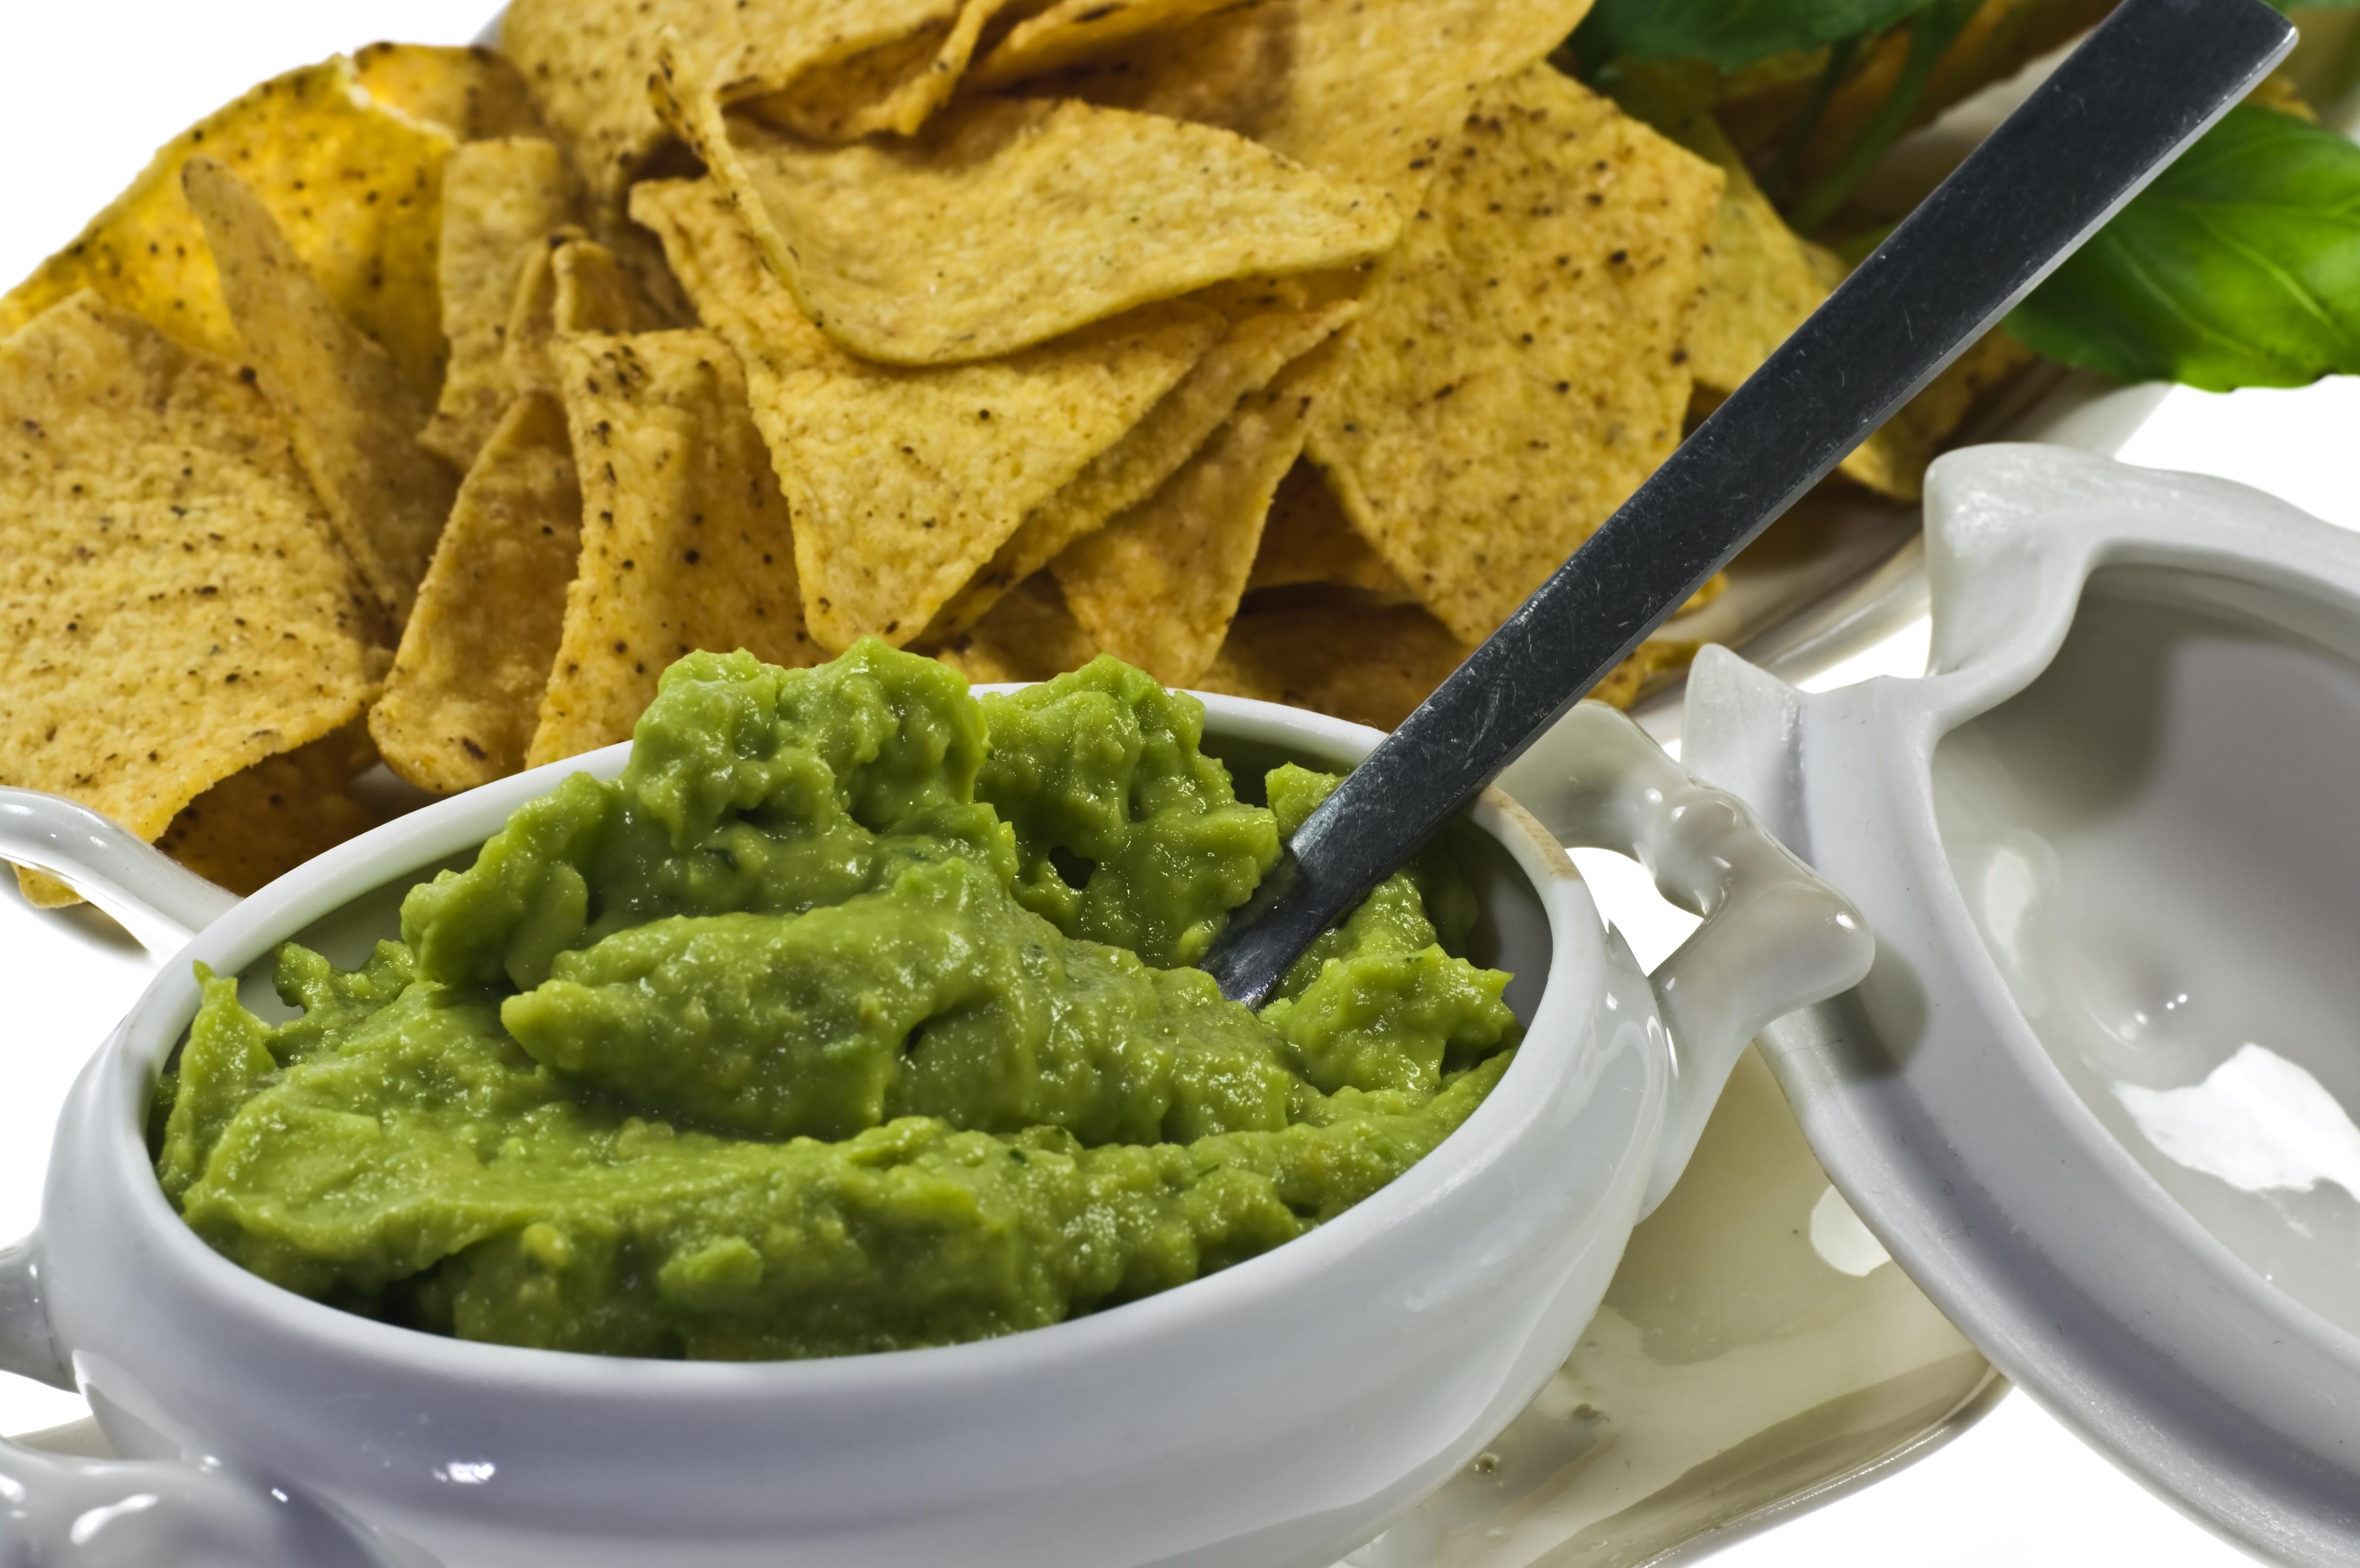 Guacamole Mexican salad